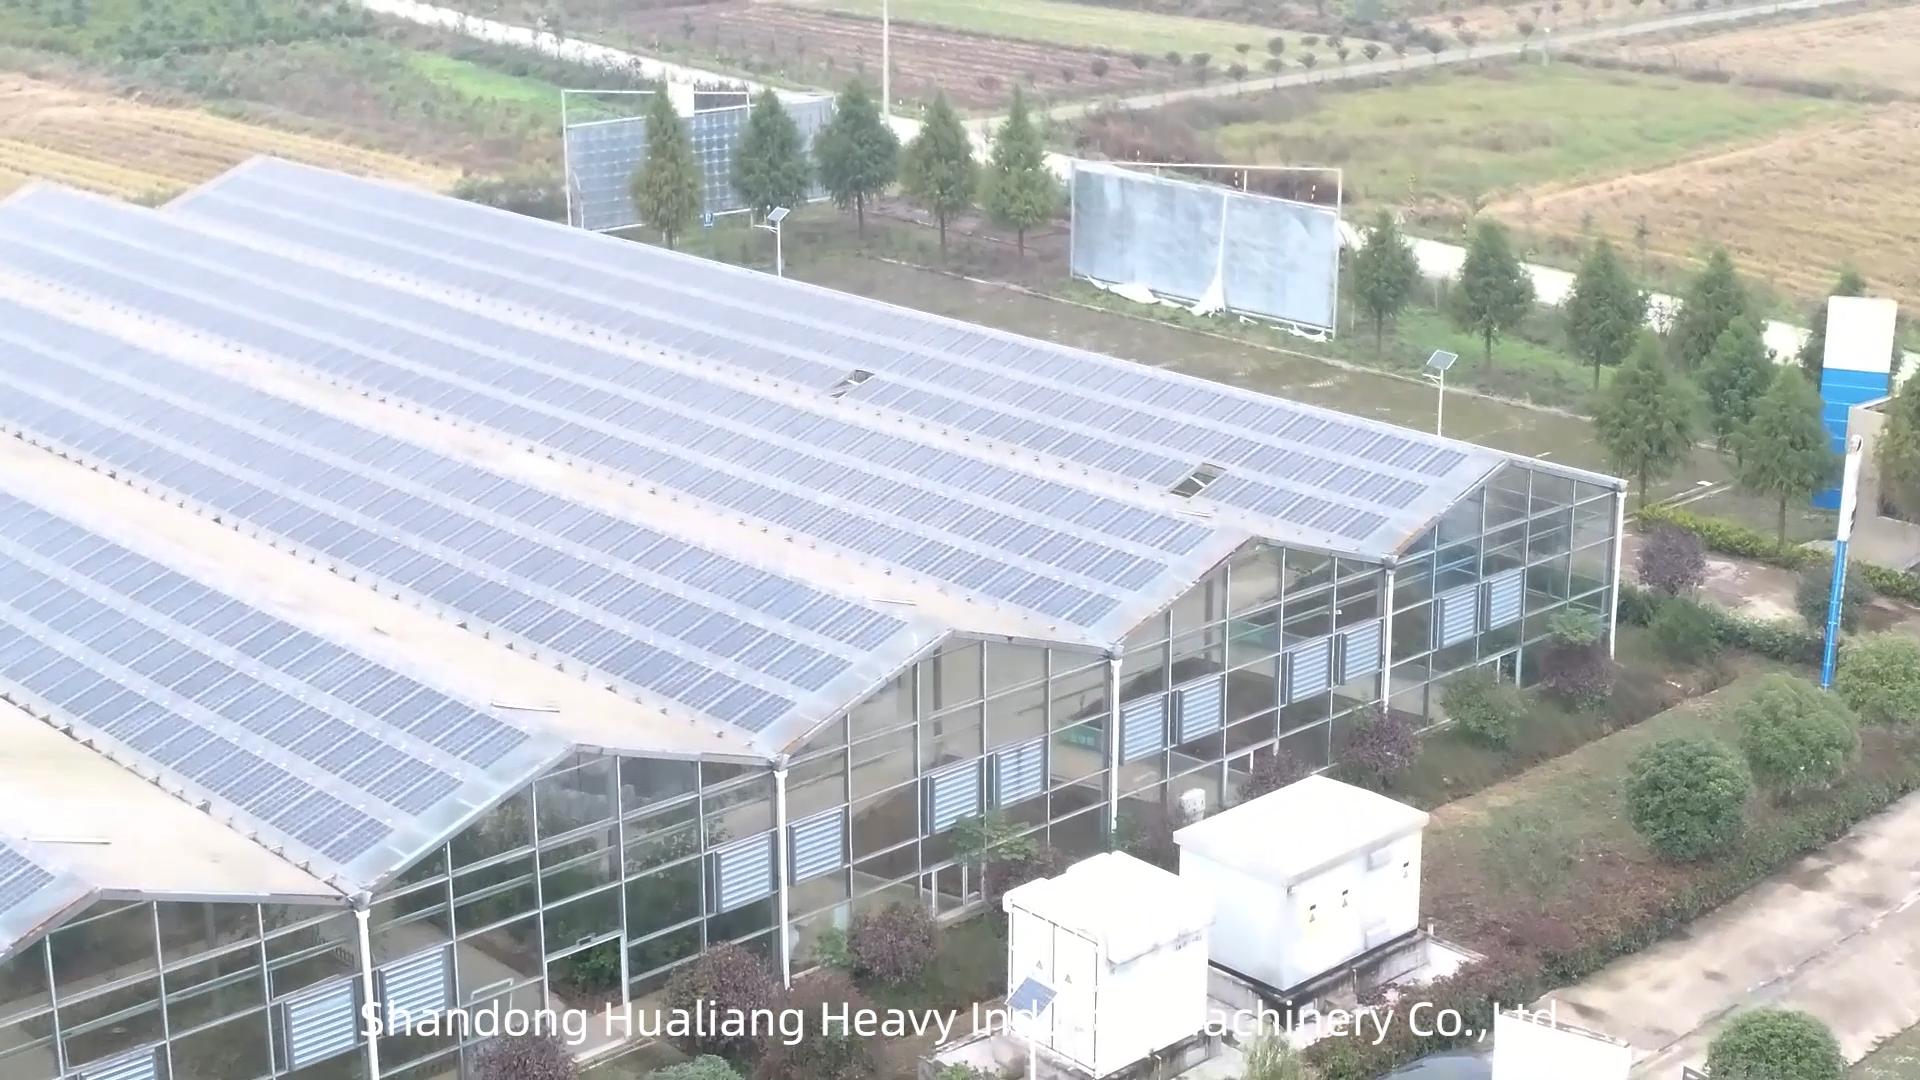 Photovoltaik Solar Glas abdeckung Gewächshaus für tomaten und gurke